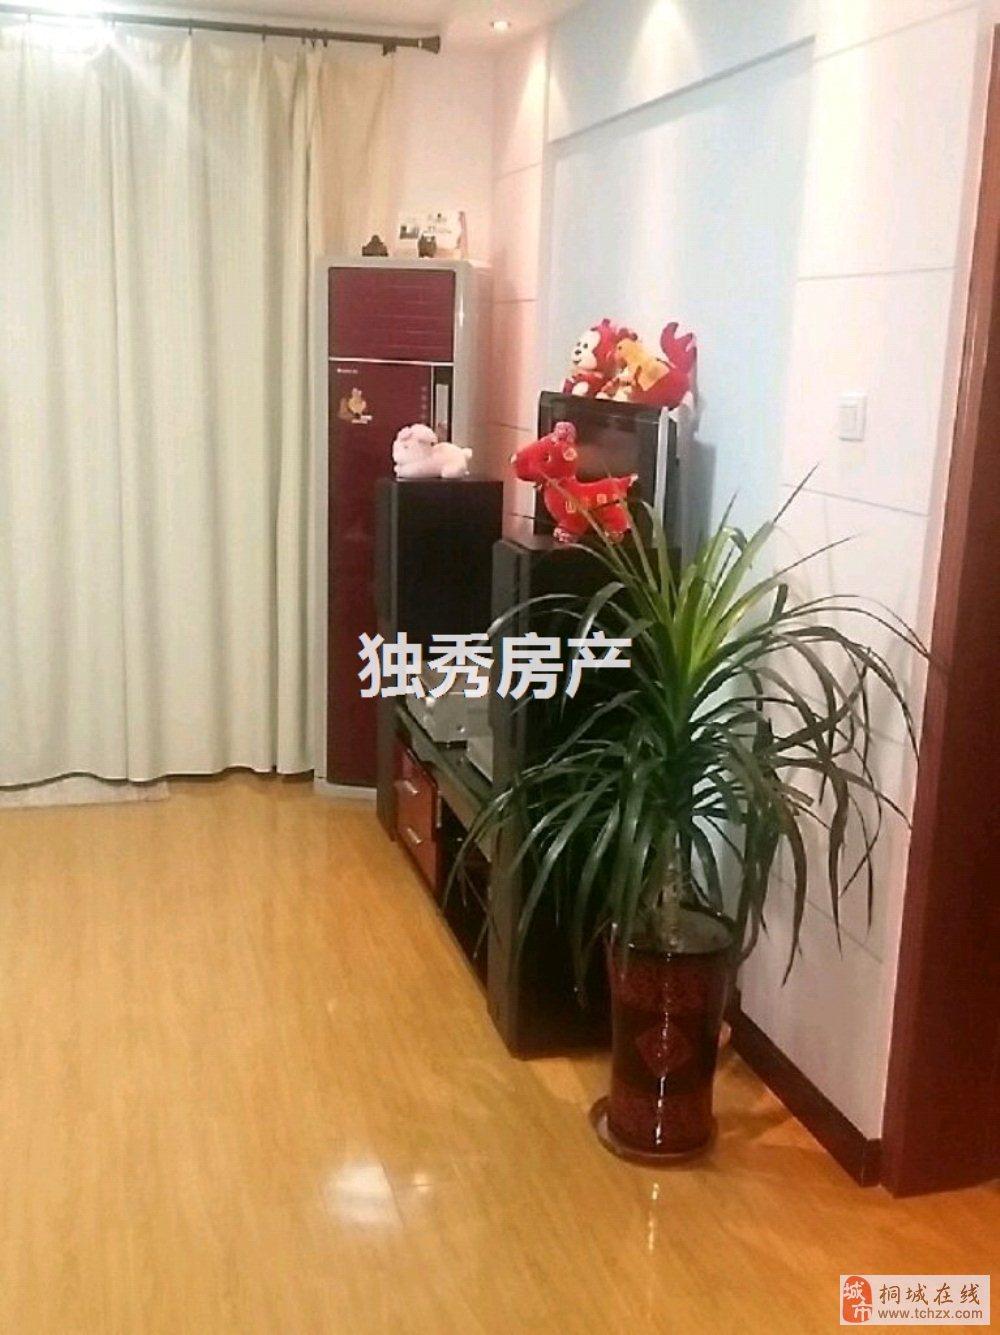 山水龙城2室2厅1卫精装修校区房价格实